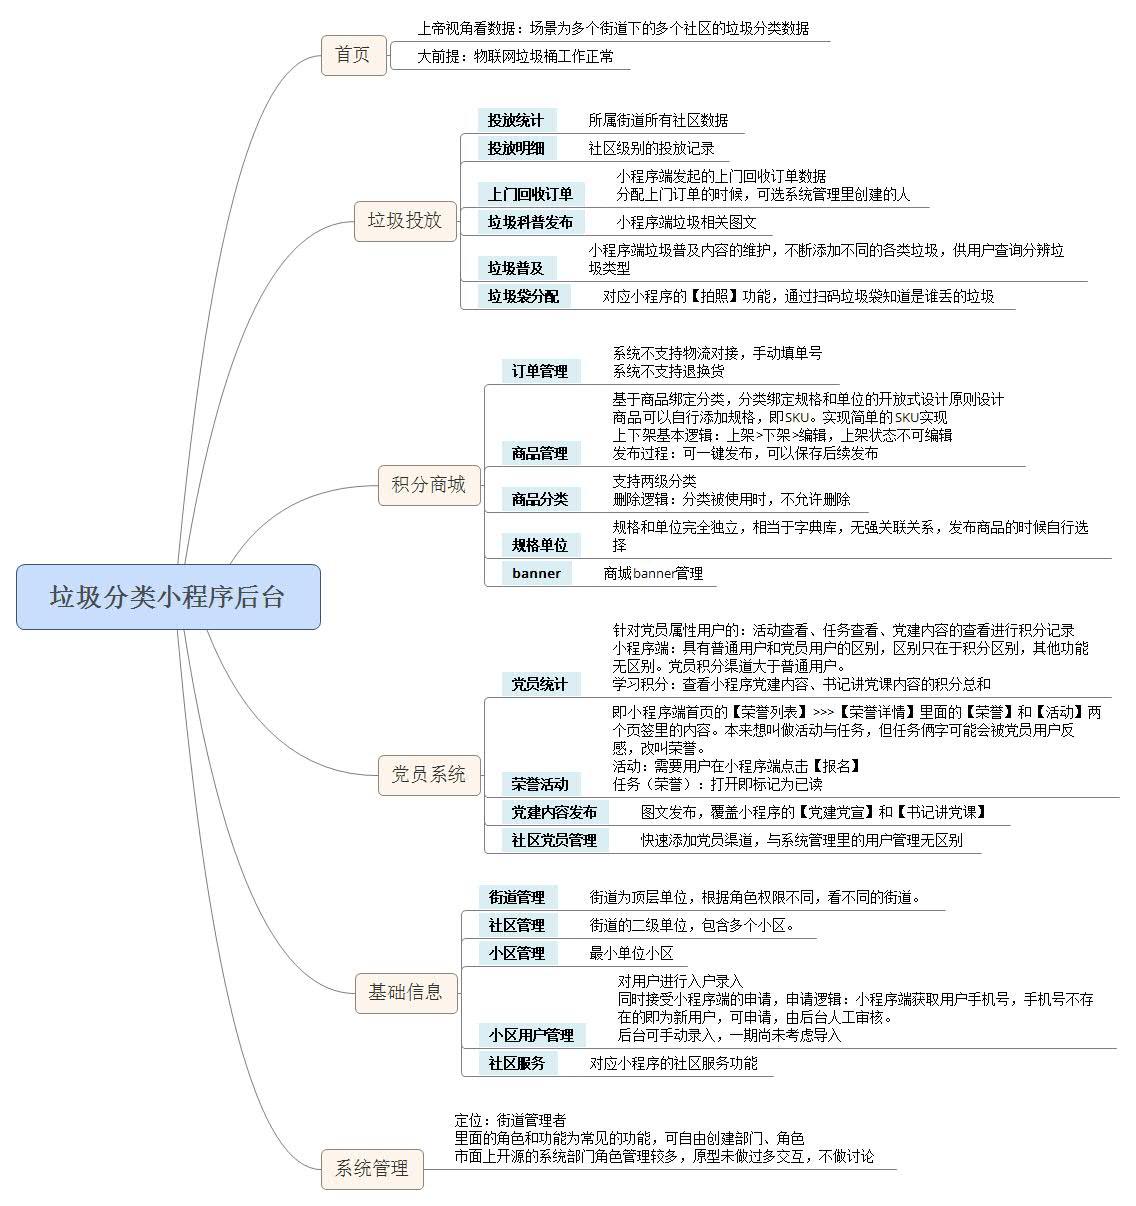 垃圾分类小程序后台-脑图